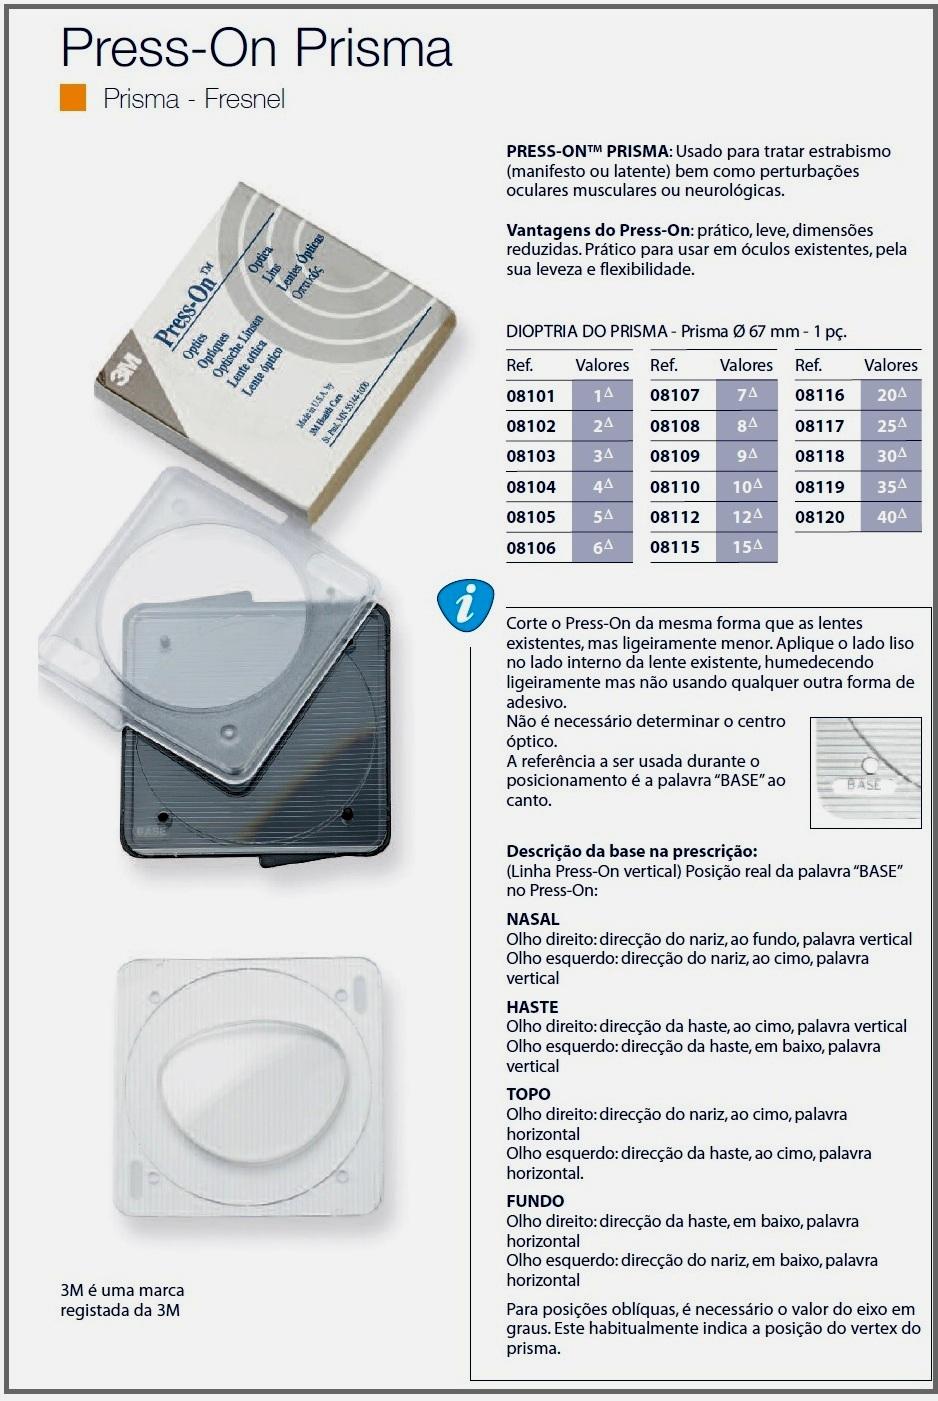 0208109-CorreçãoVisual Press-On Prisma 9 Mod 8109 FLAG E - Contém 1 Peça  - SOB ENCOMENDA